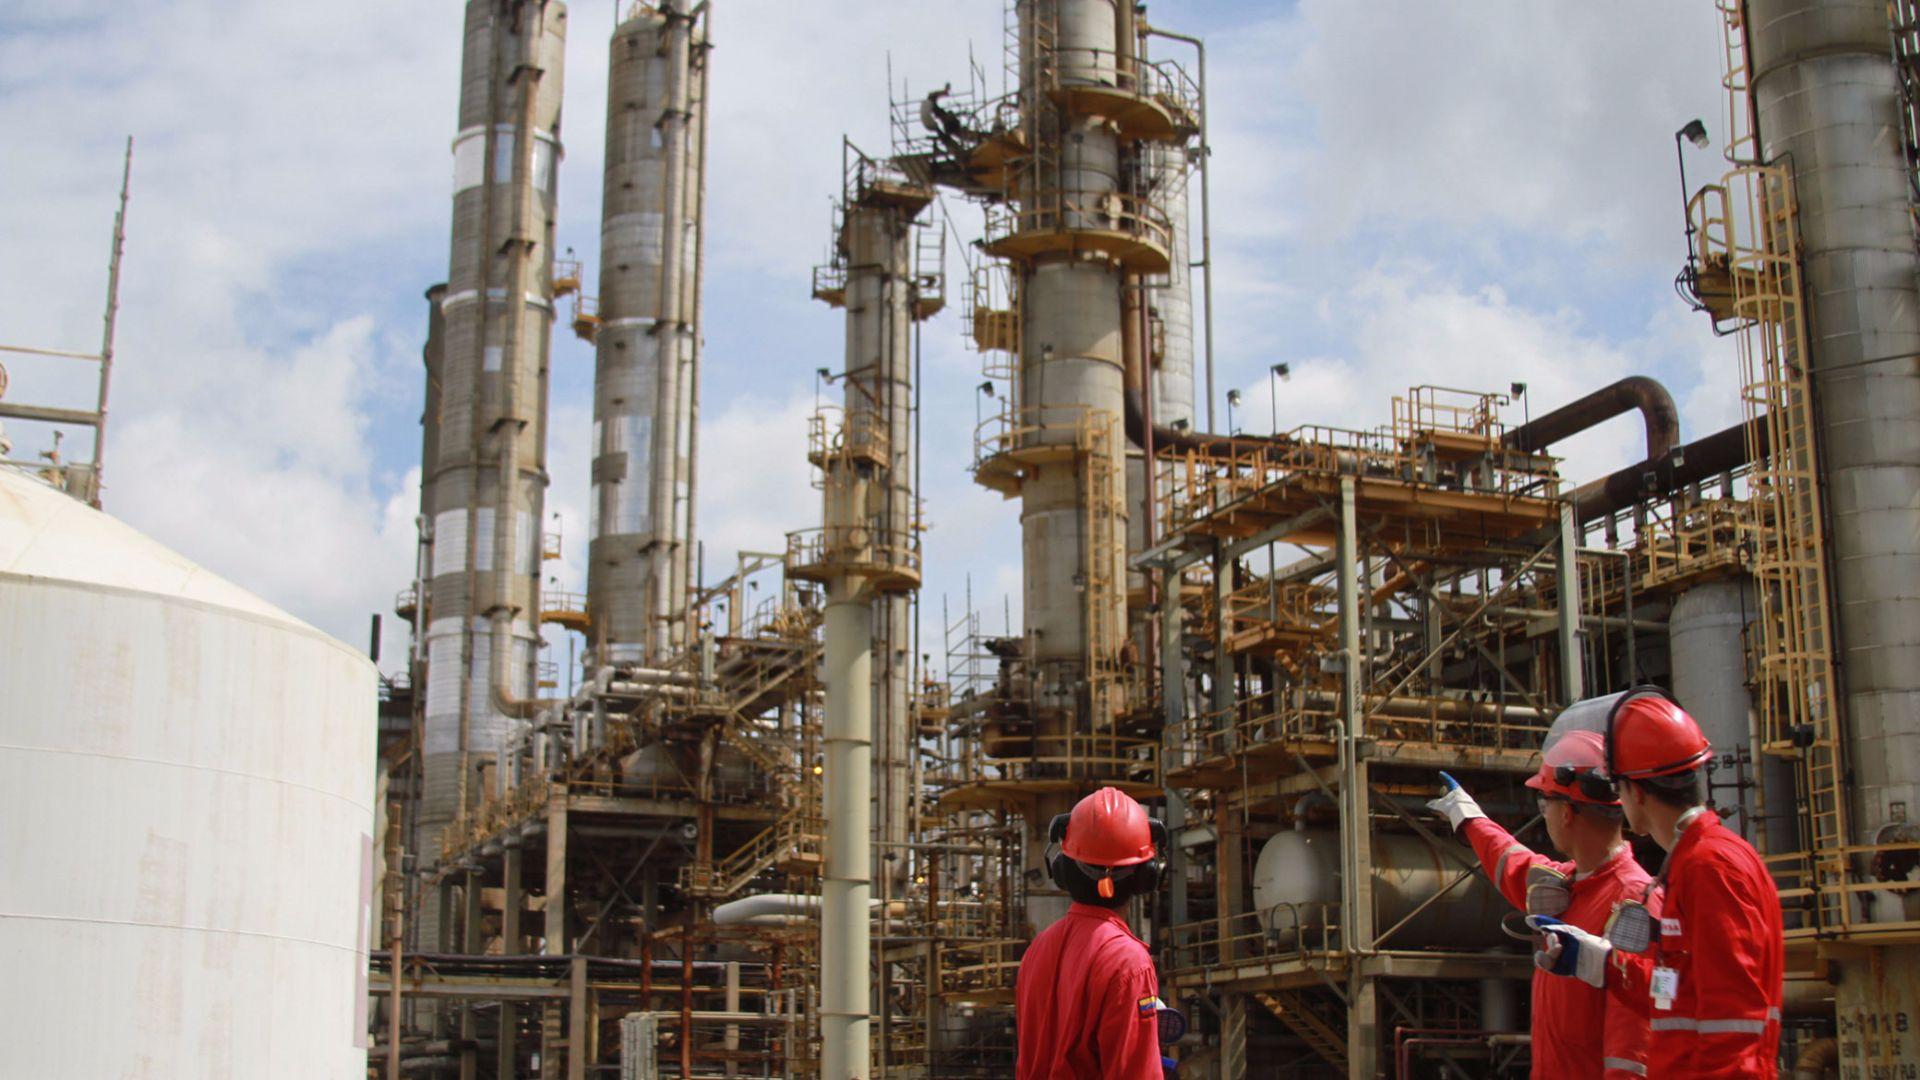 El Palito reanudó producción de gas tras varias semanas inactiva